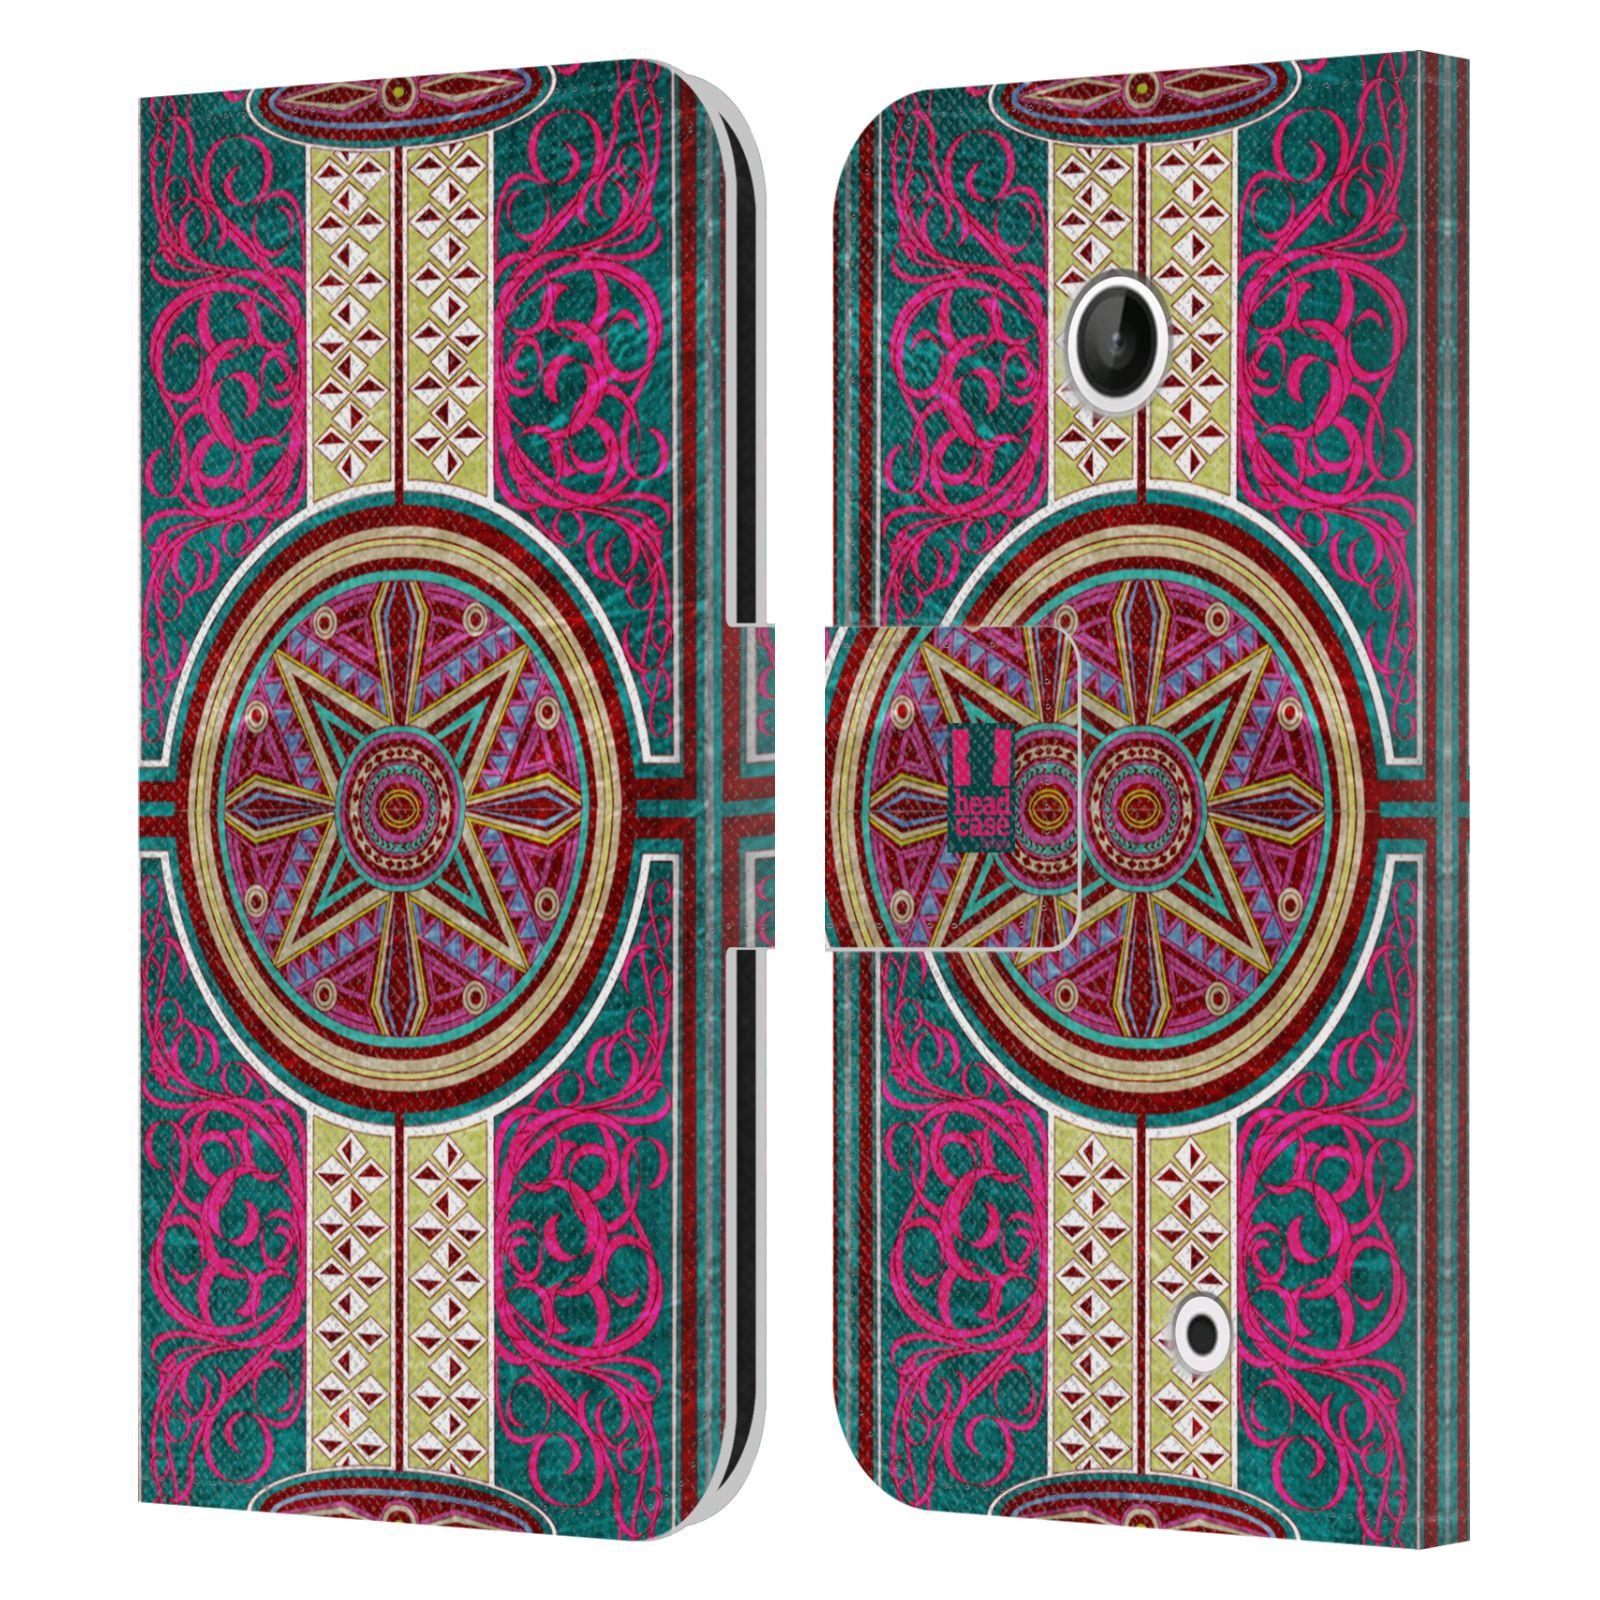 HEAD CASE Flipové pouzdro pro mobil NOKIA LUMIA 630 / LUMIA 630 DUAL ARABESKA Baroko rudá kruh